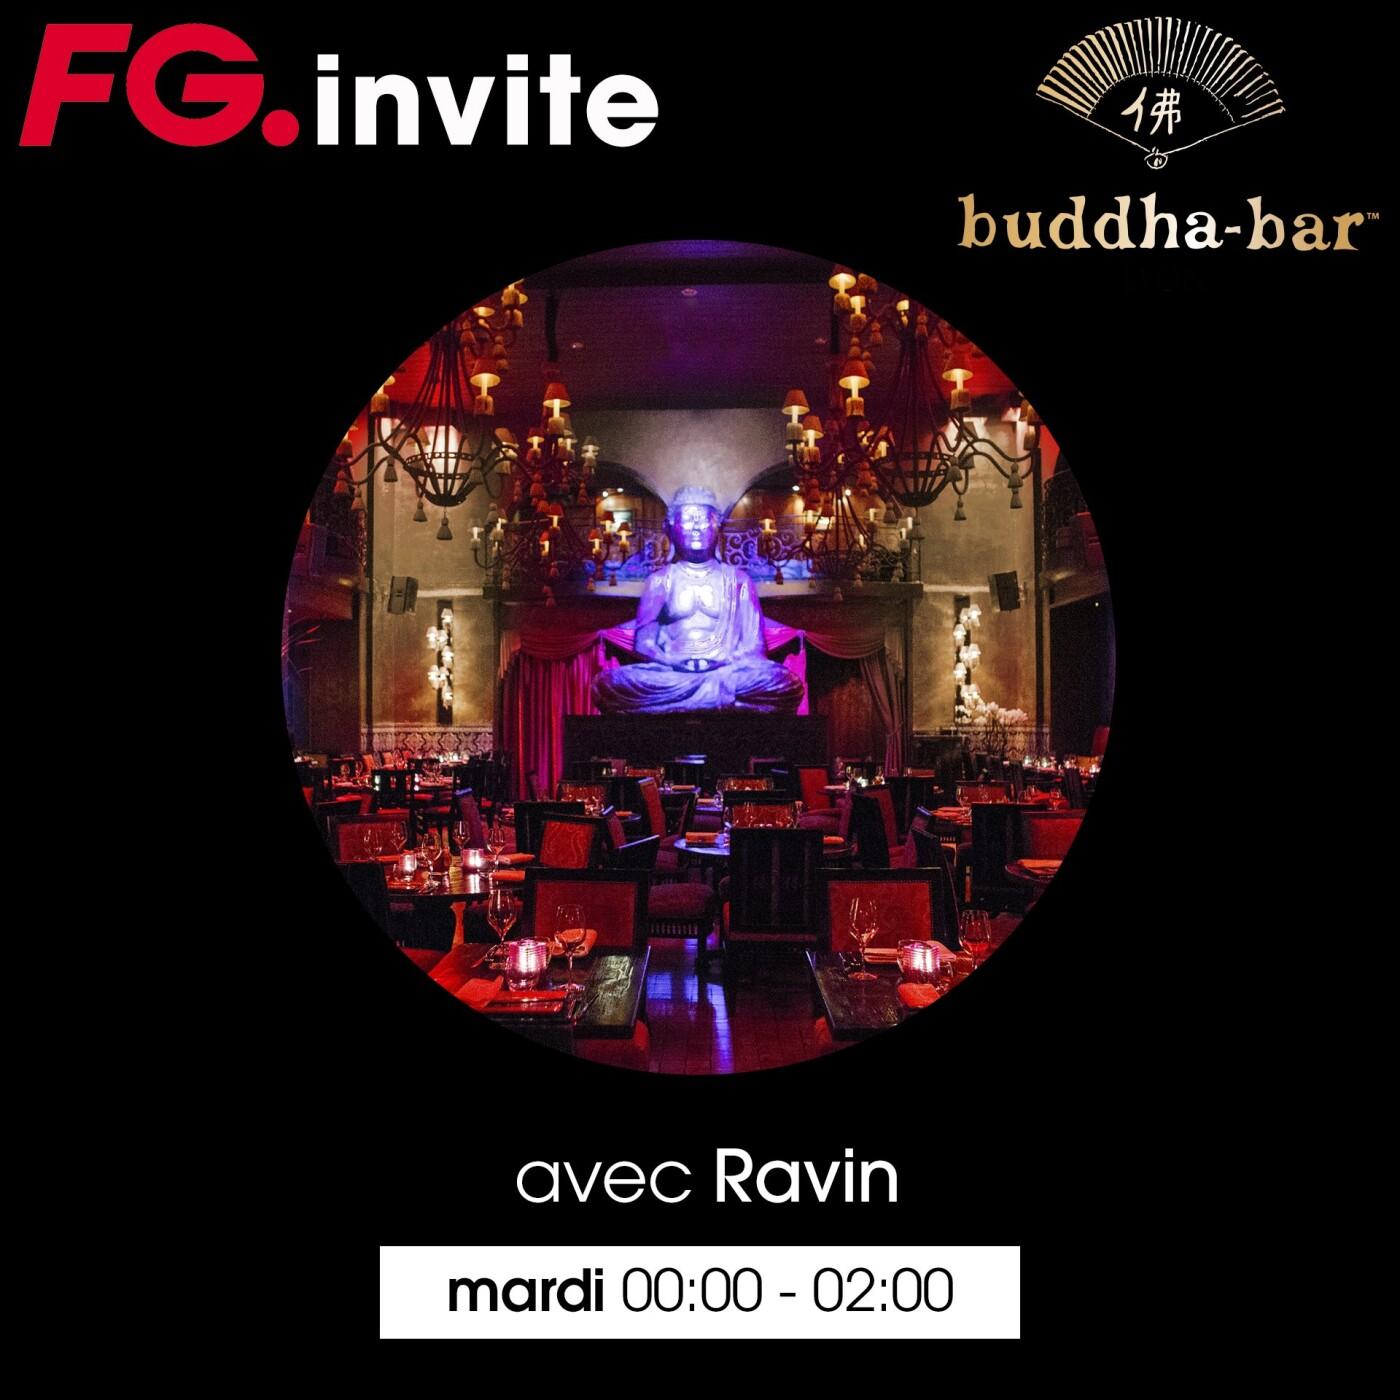 FG INVITE : LE BUDDHA BAR PARIS